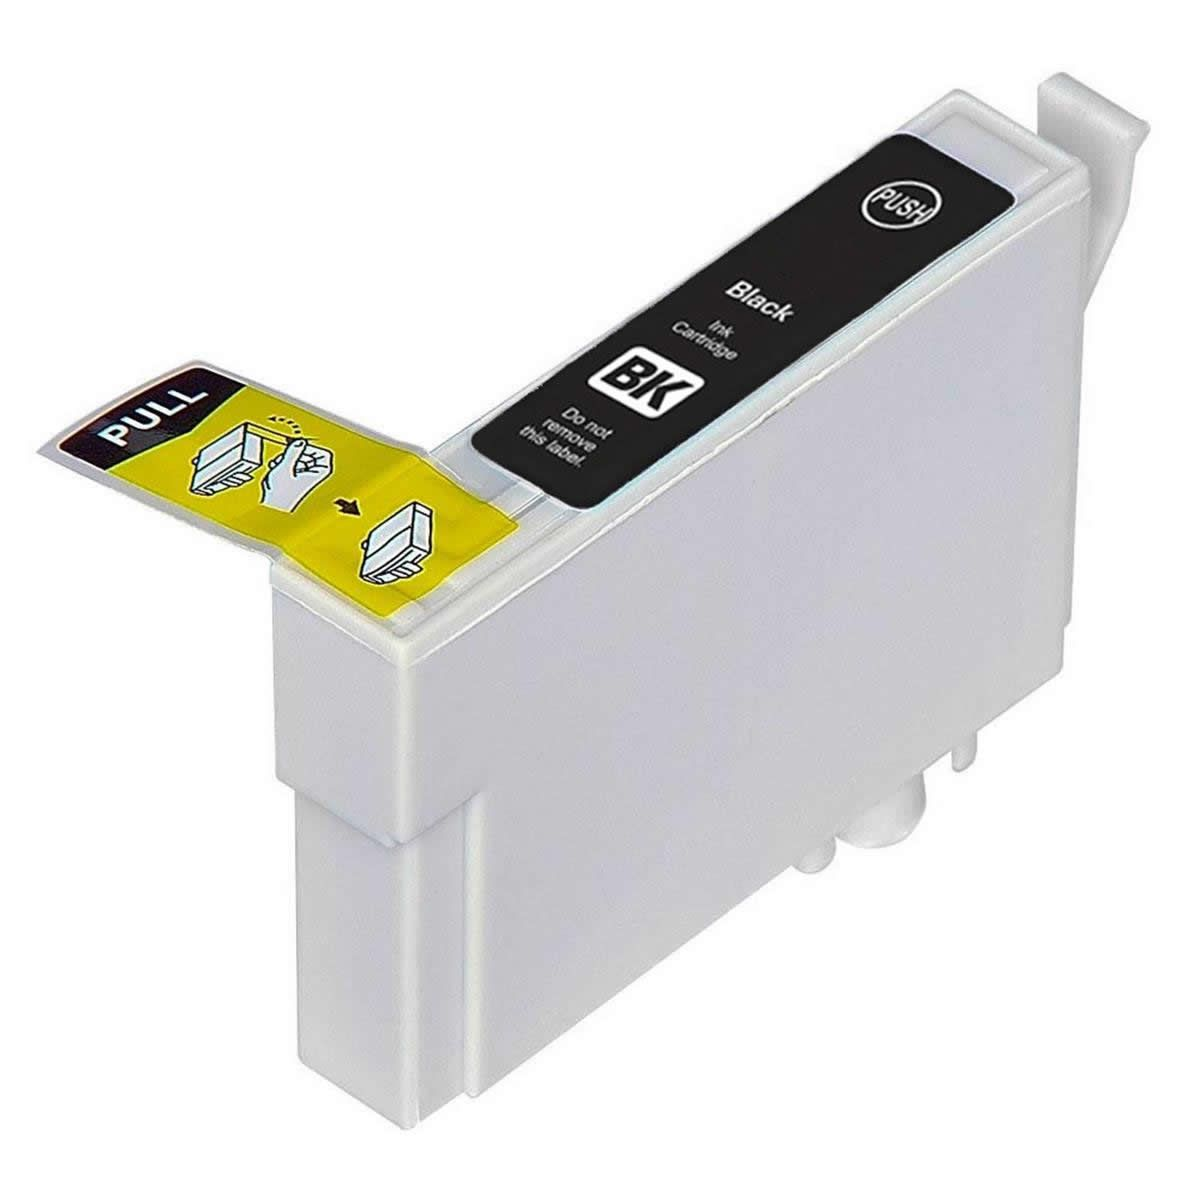 Cartucho T133 133 Compatível para Epson Tx235w Tx420w Tx430w Tx320f